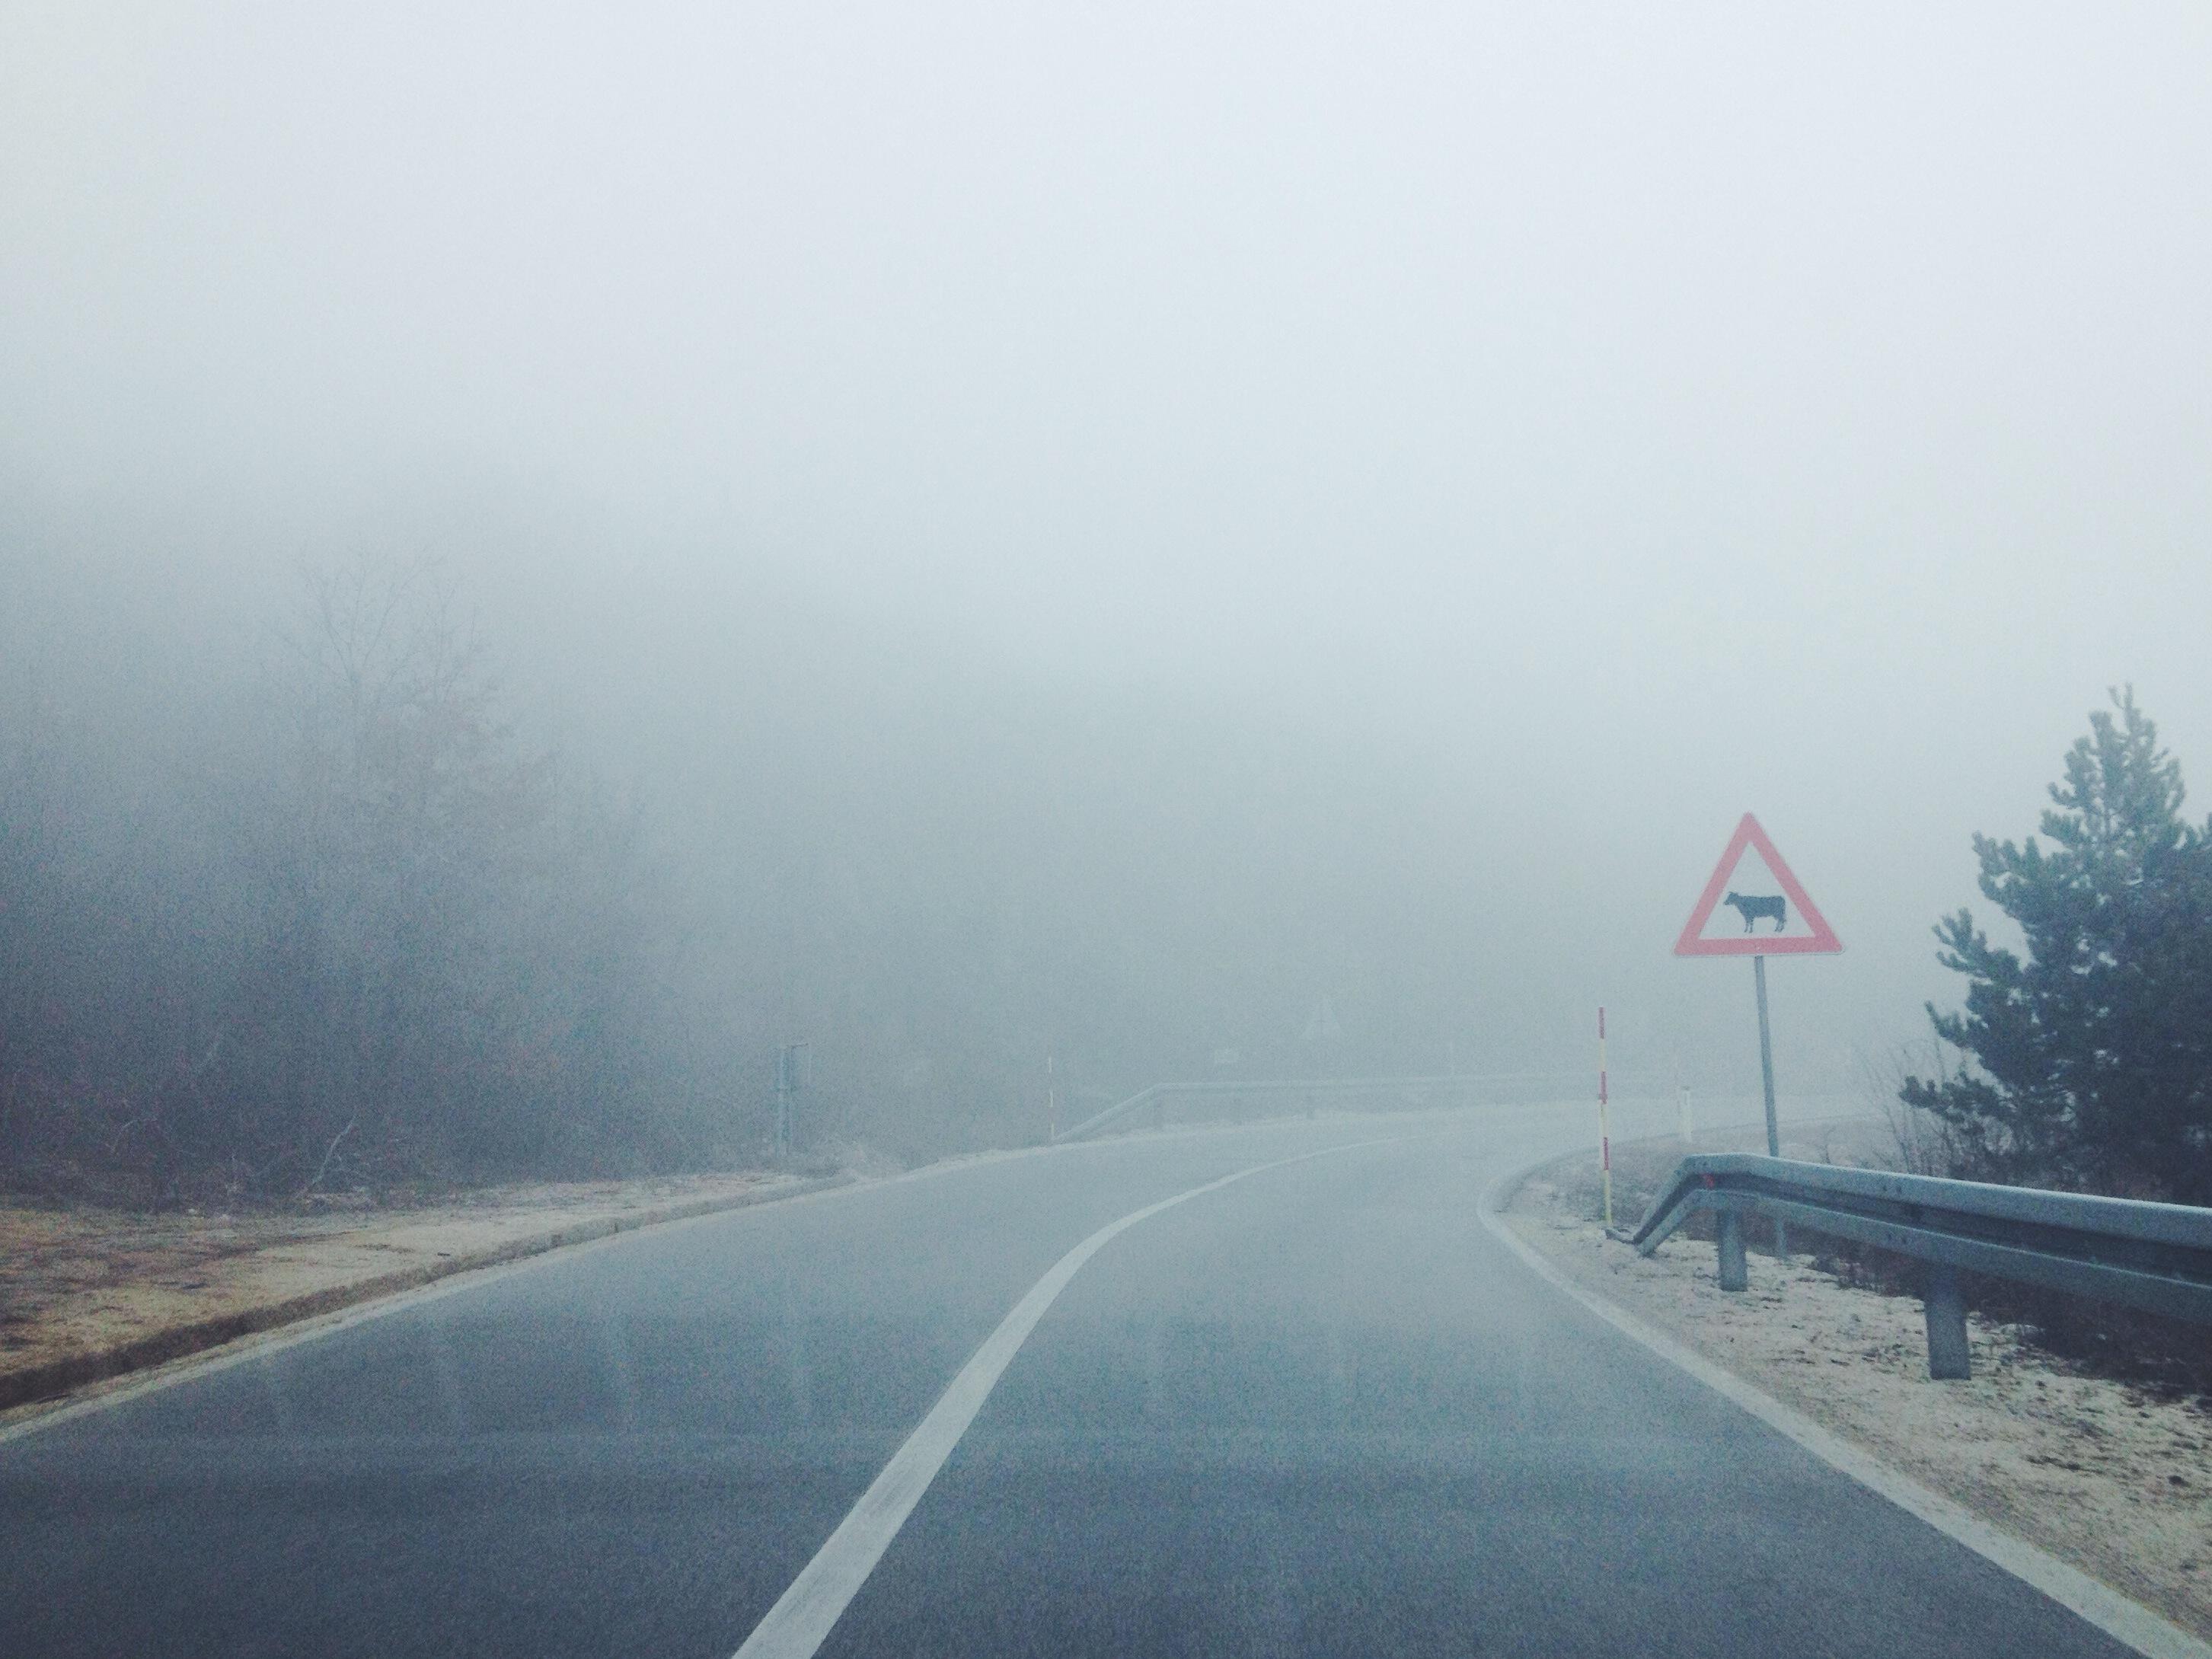 fotografo bilbao forester11 Winter trip